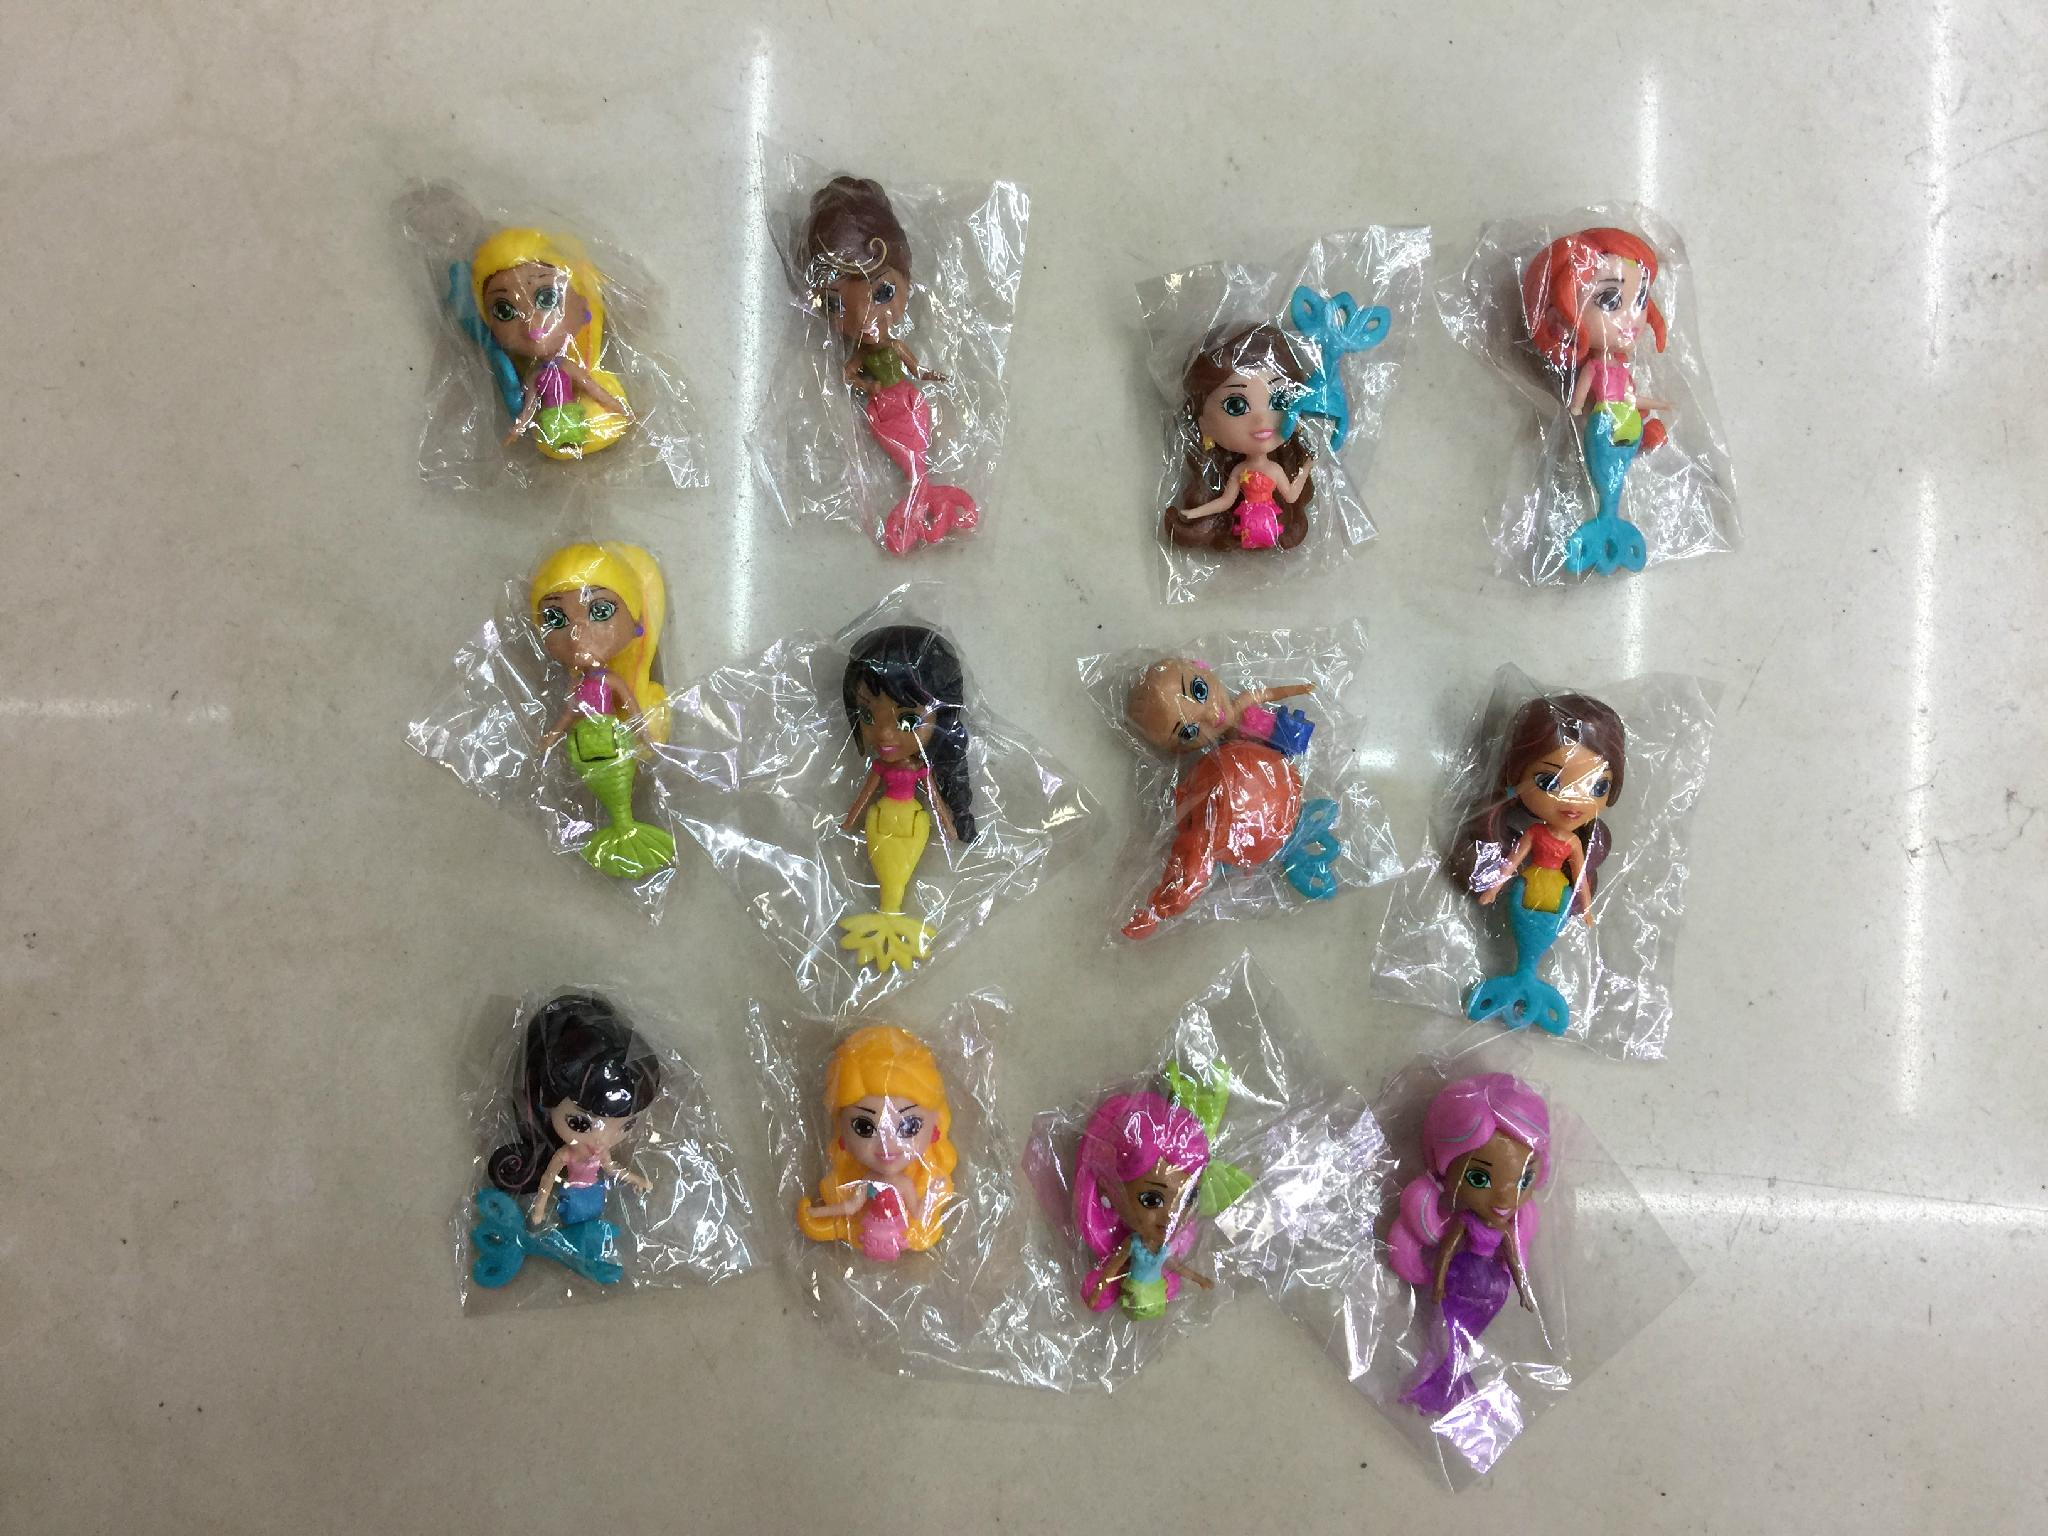 Barbie figures in Mermaid way  1